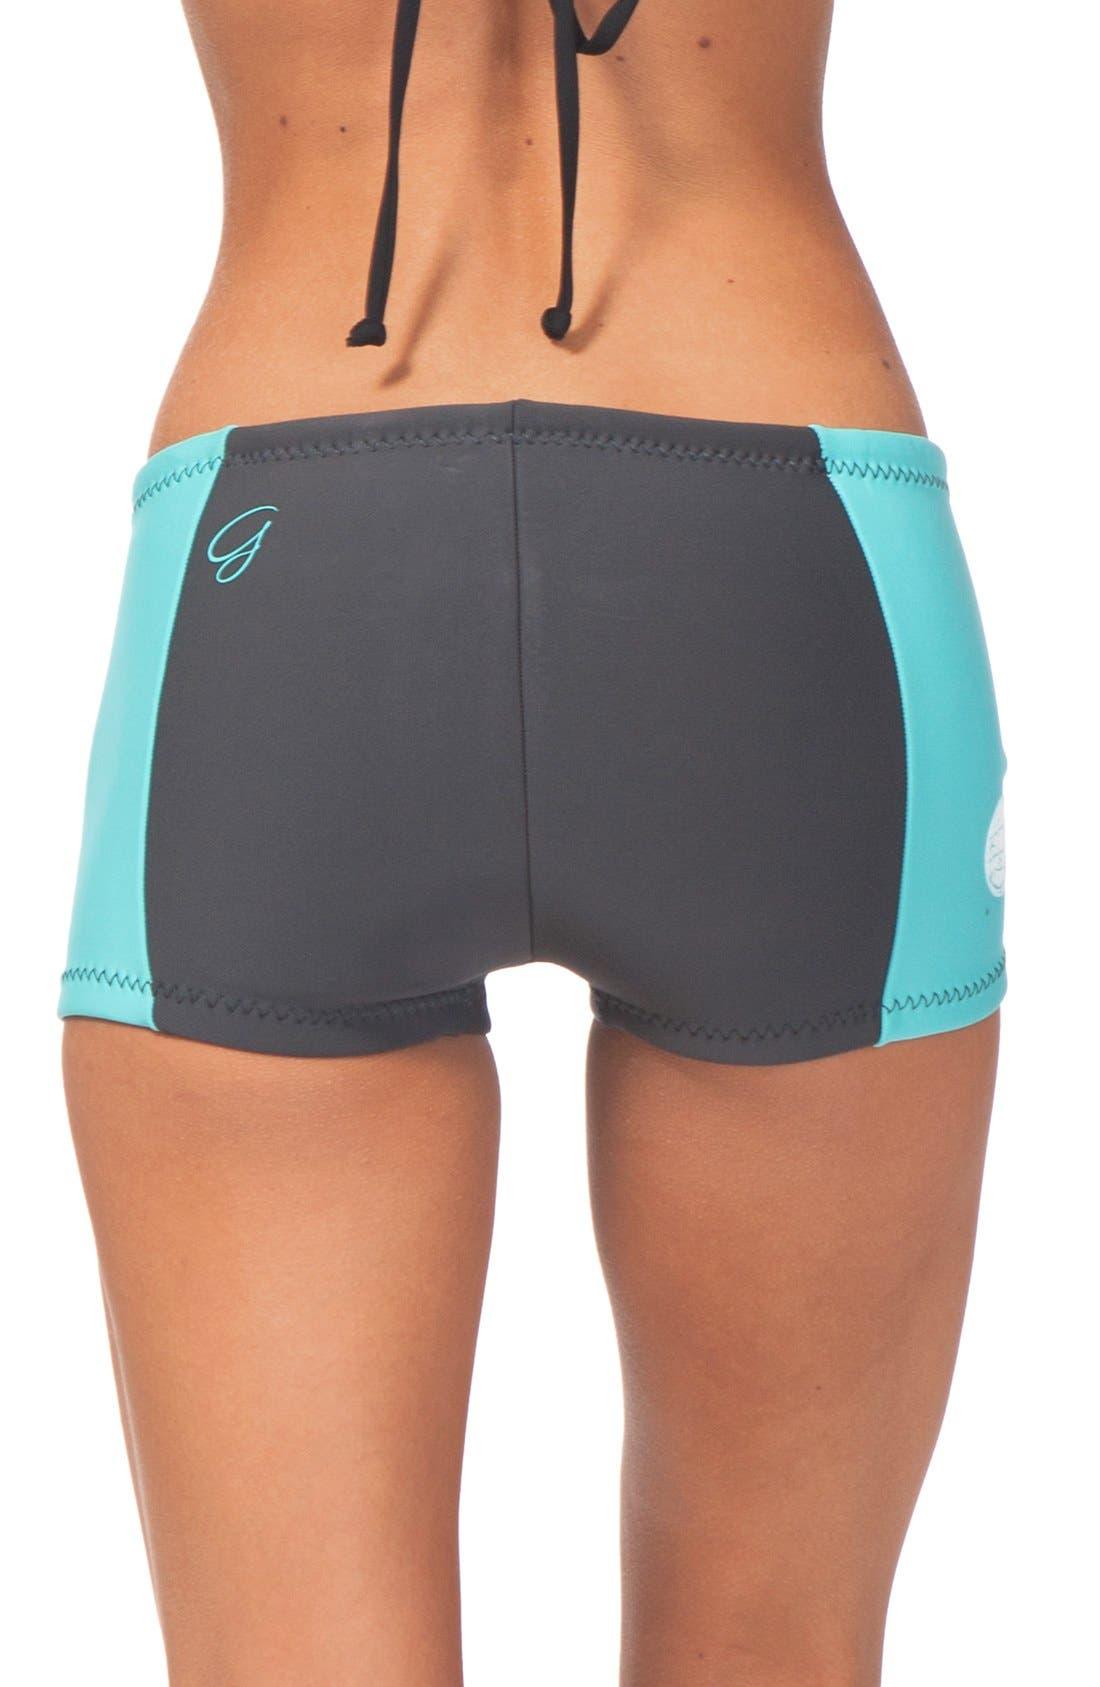 'G Bomb' Swim Shorts,                             Alternate thumbnail 10, color,